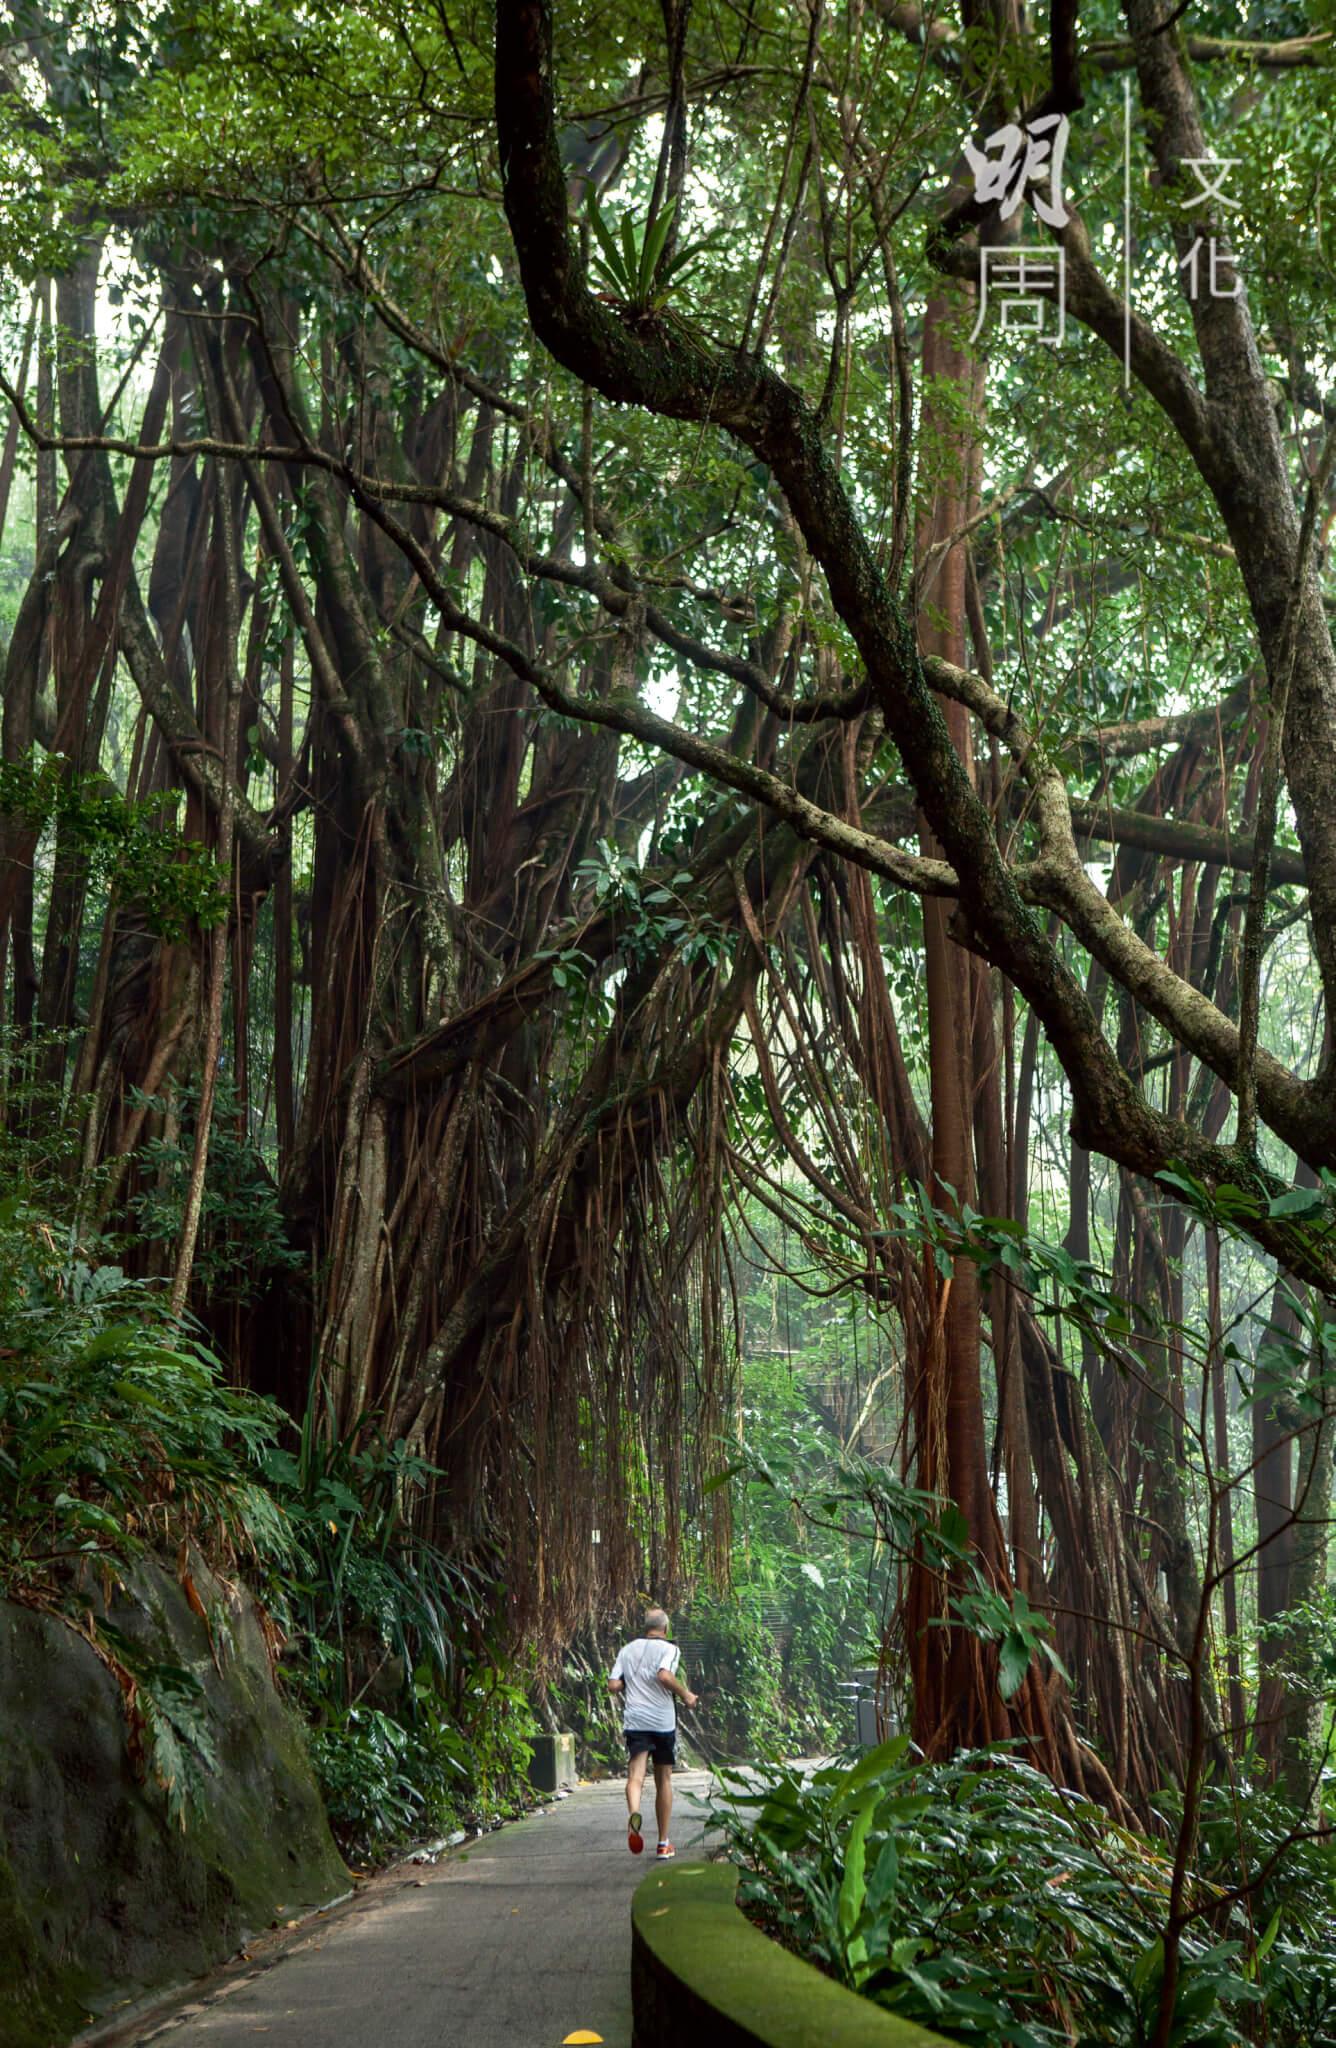 印度橡樹,盧吉道地標之一,其龐大的樹身與氣根形成一座拱門,讓人通過。